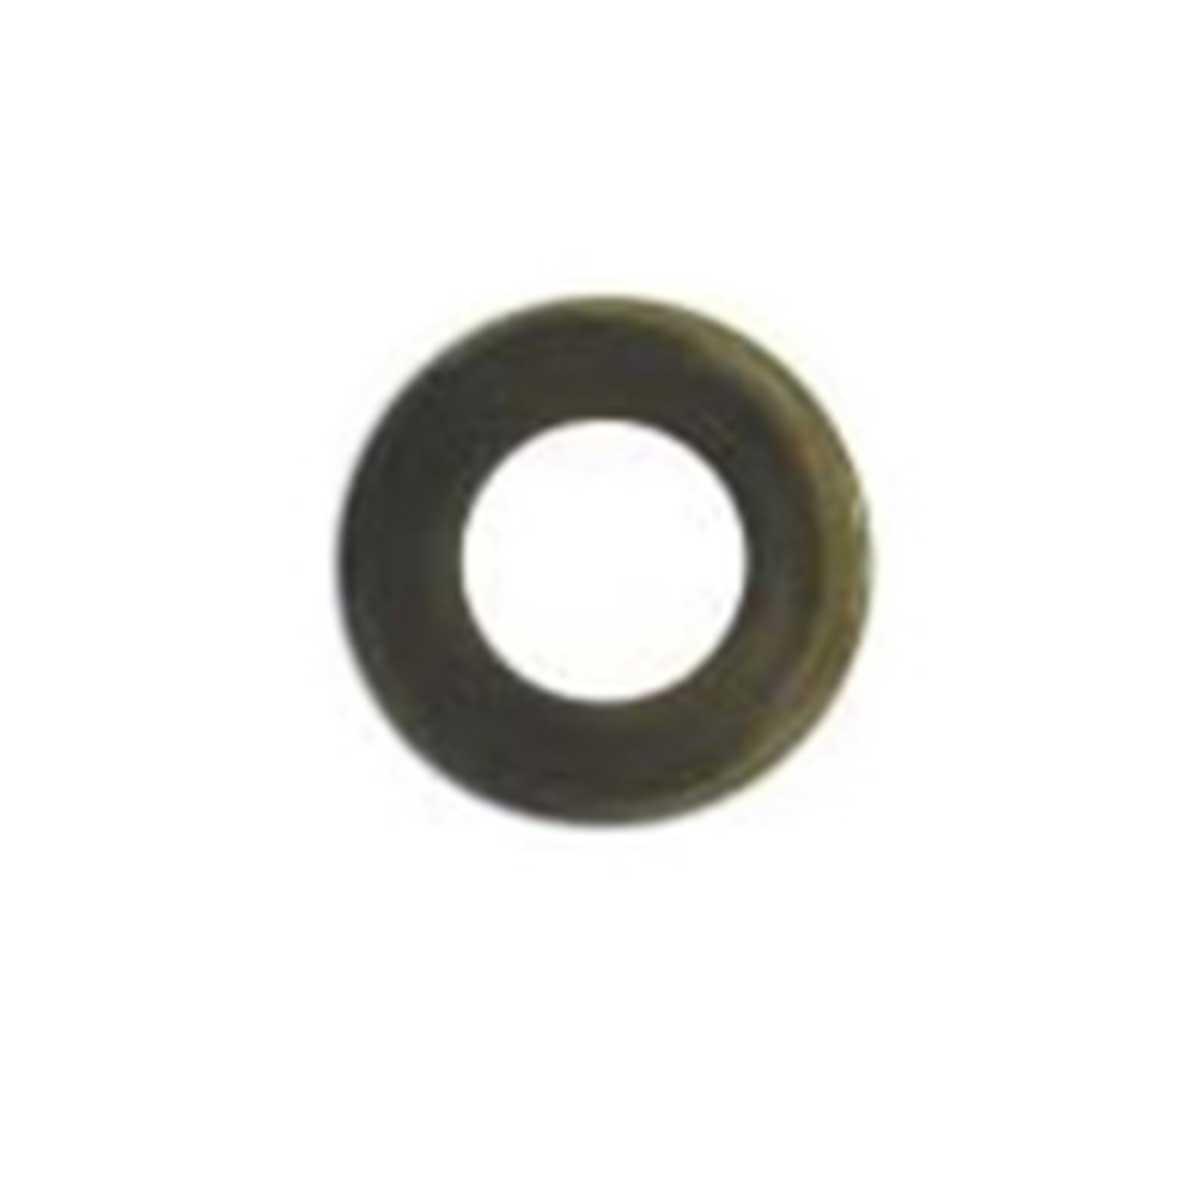 50102 Bartell Morrison Ring Spacer